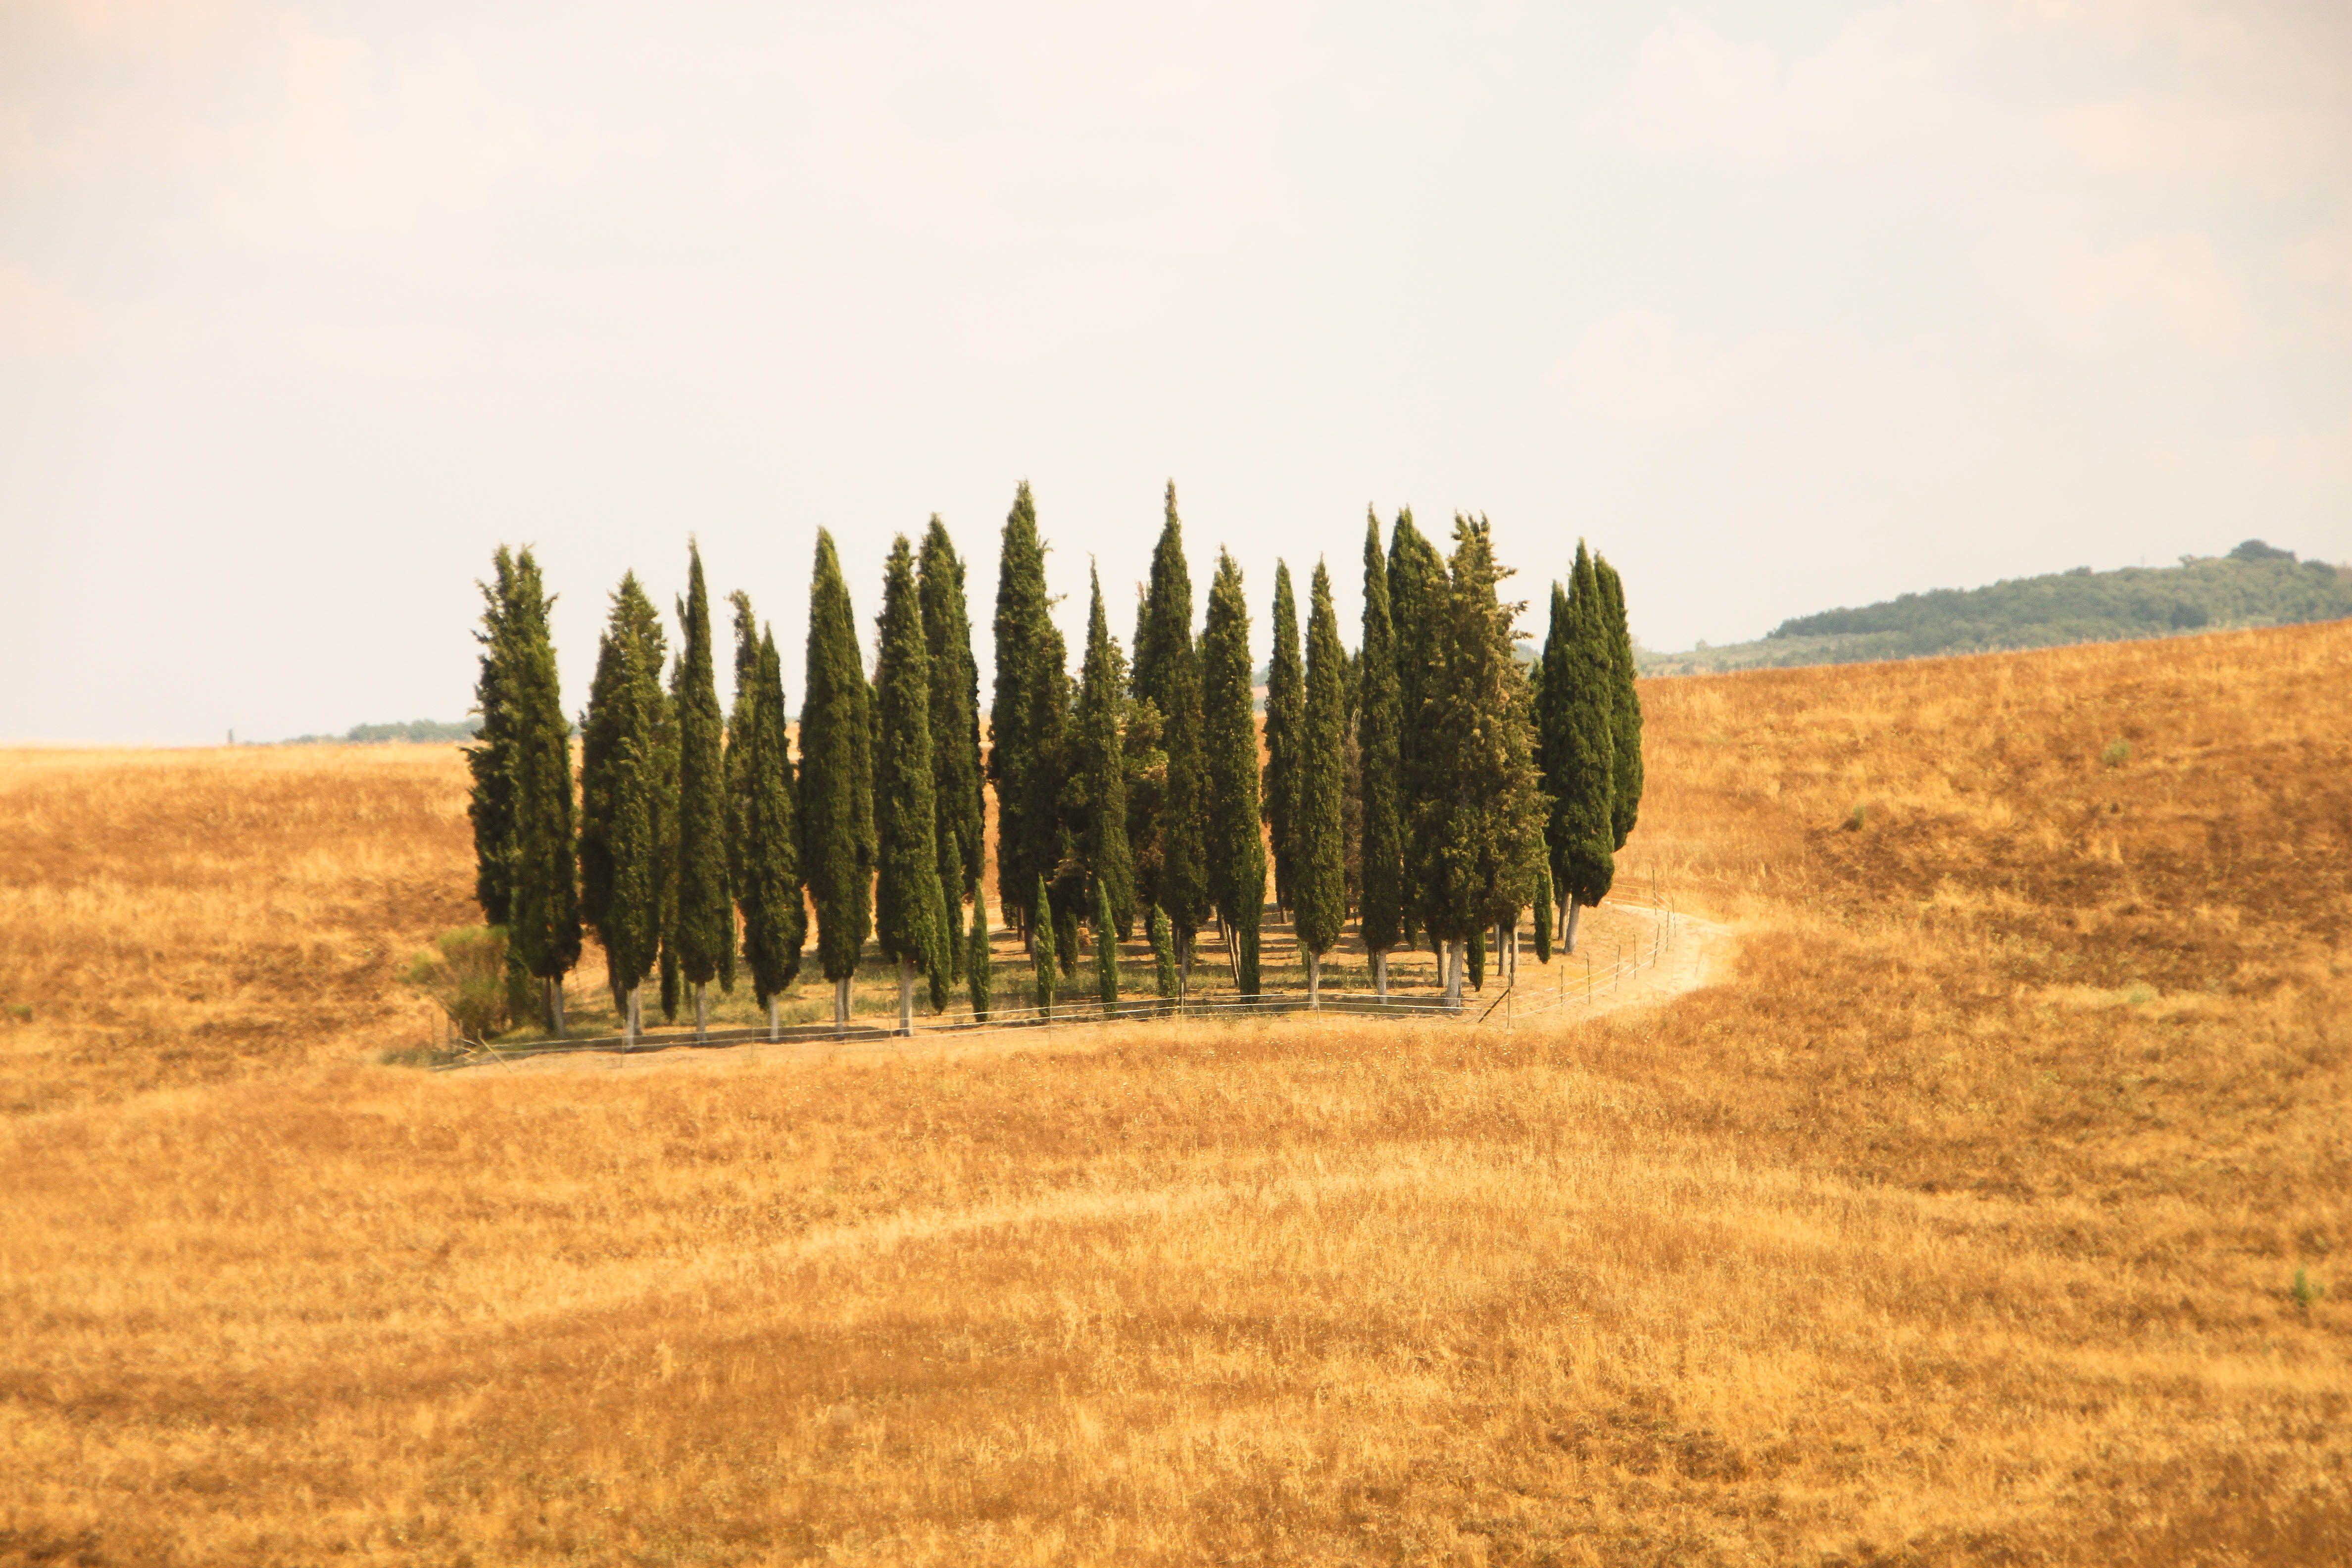 Zypressen. Crete. | Zypressen | Pinterest | Zypressen und Toskana